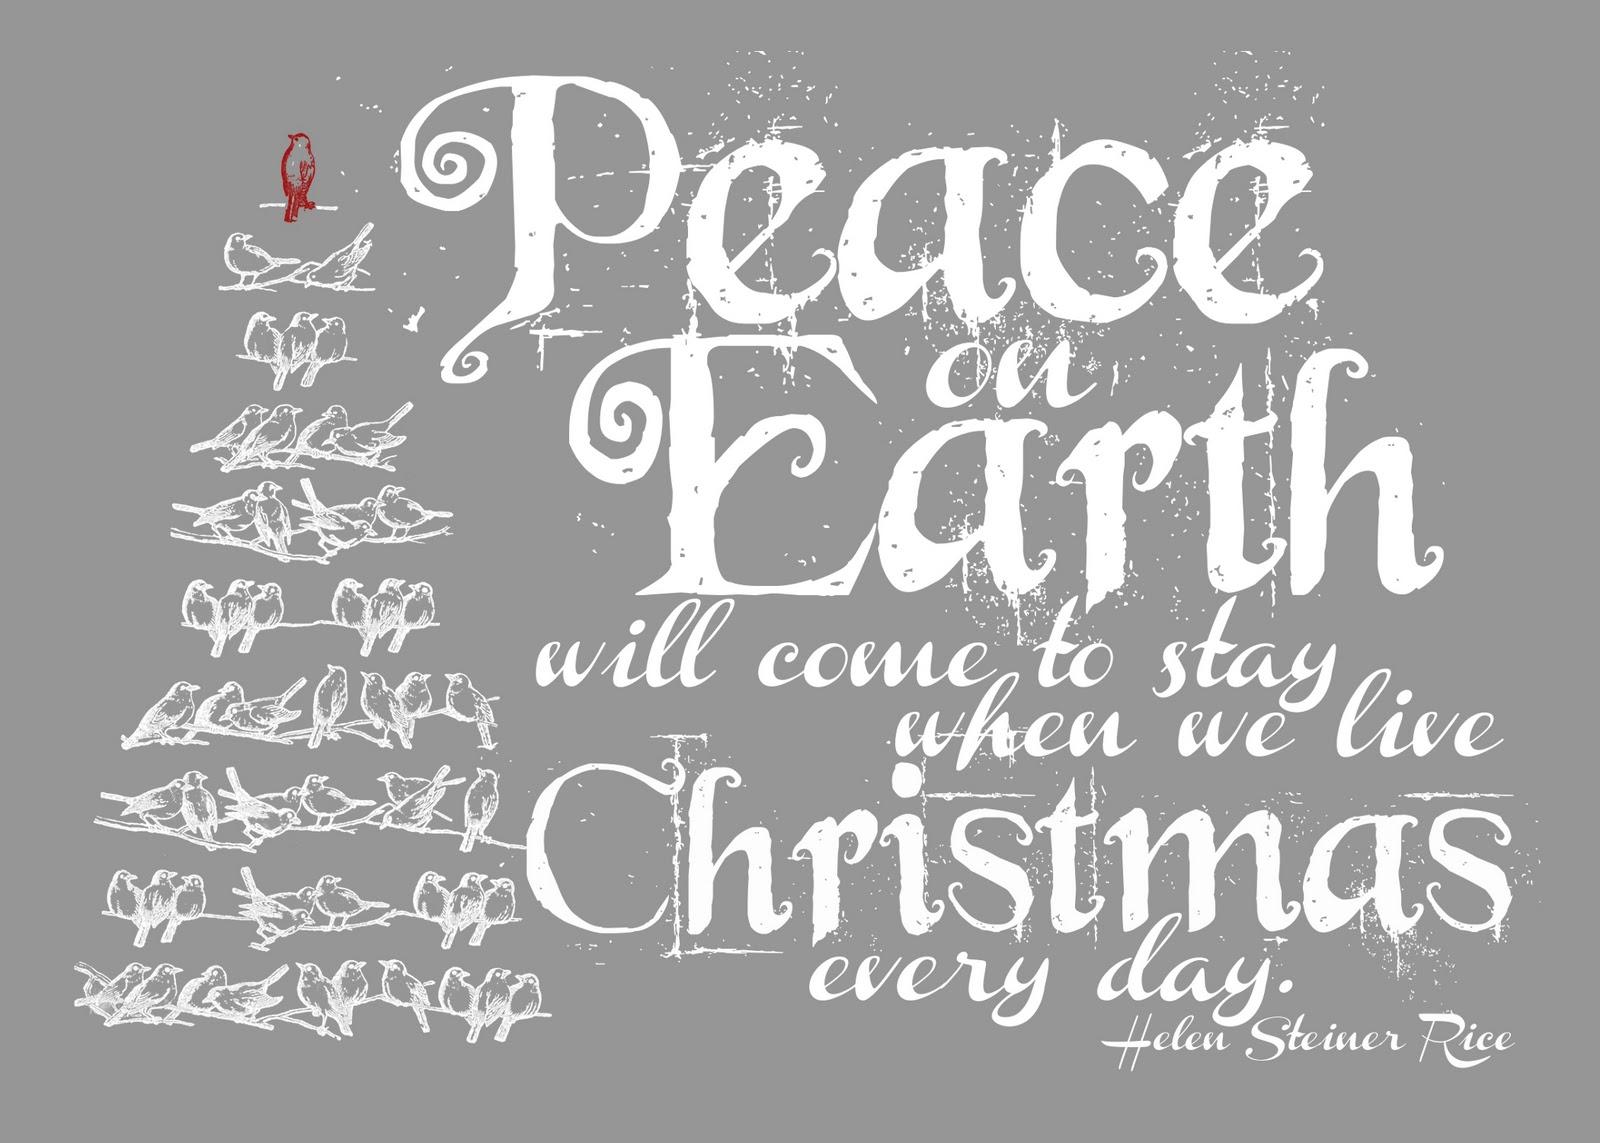 Merry Christmas – SHAREverything.com